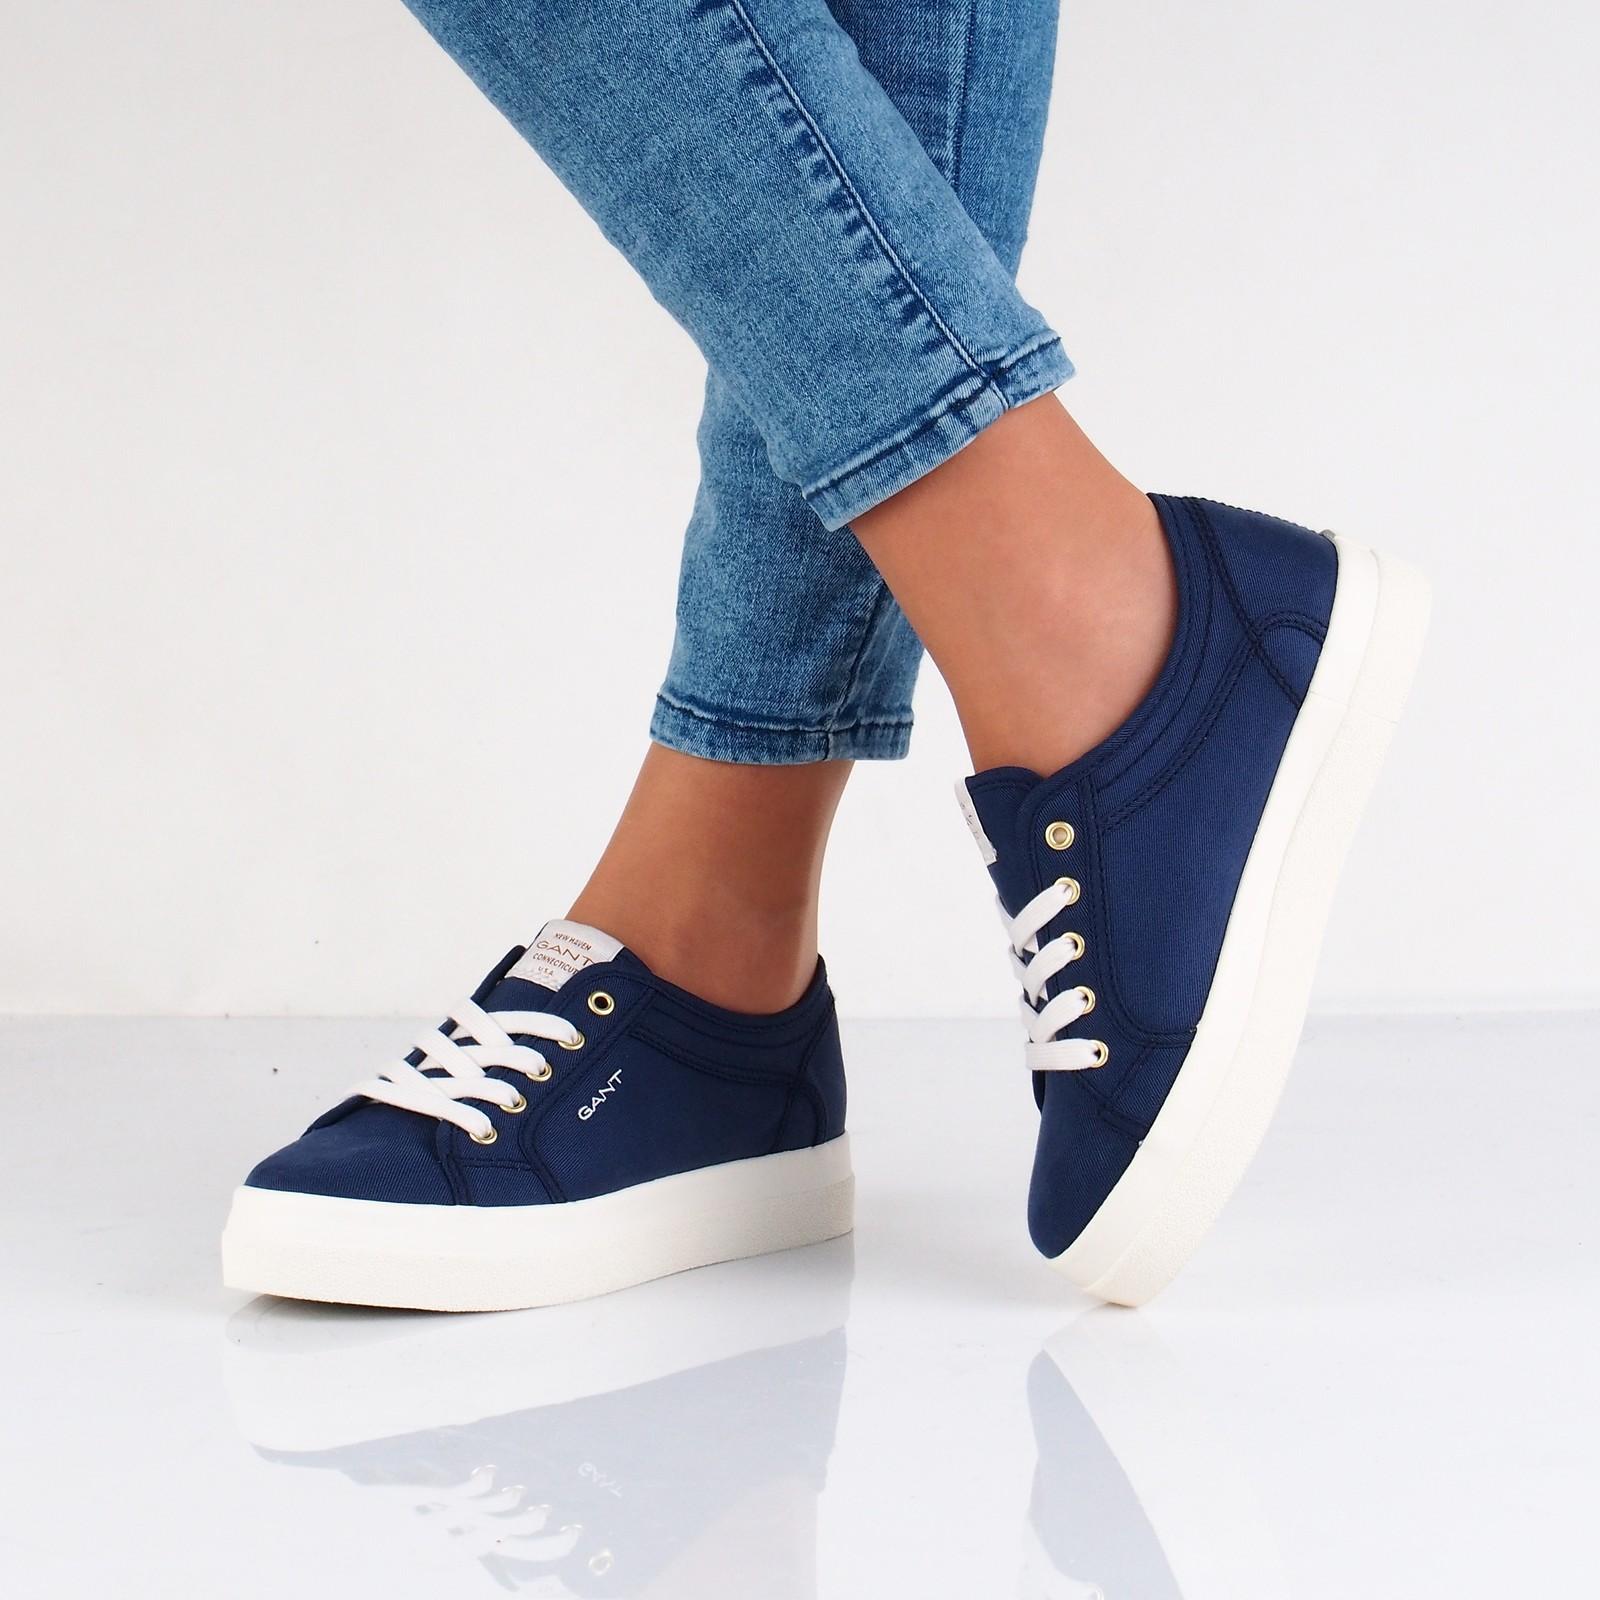 54bb1e9490a3 Gant dámske štýlové textilné tenisky - modré ...